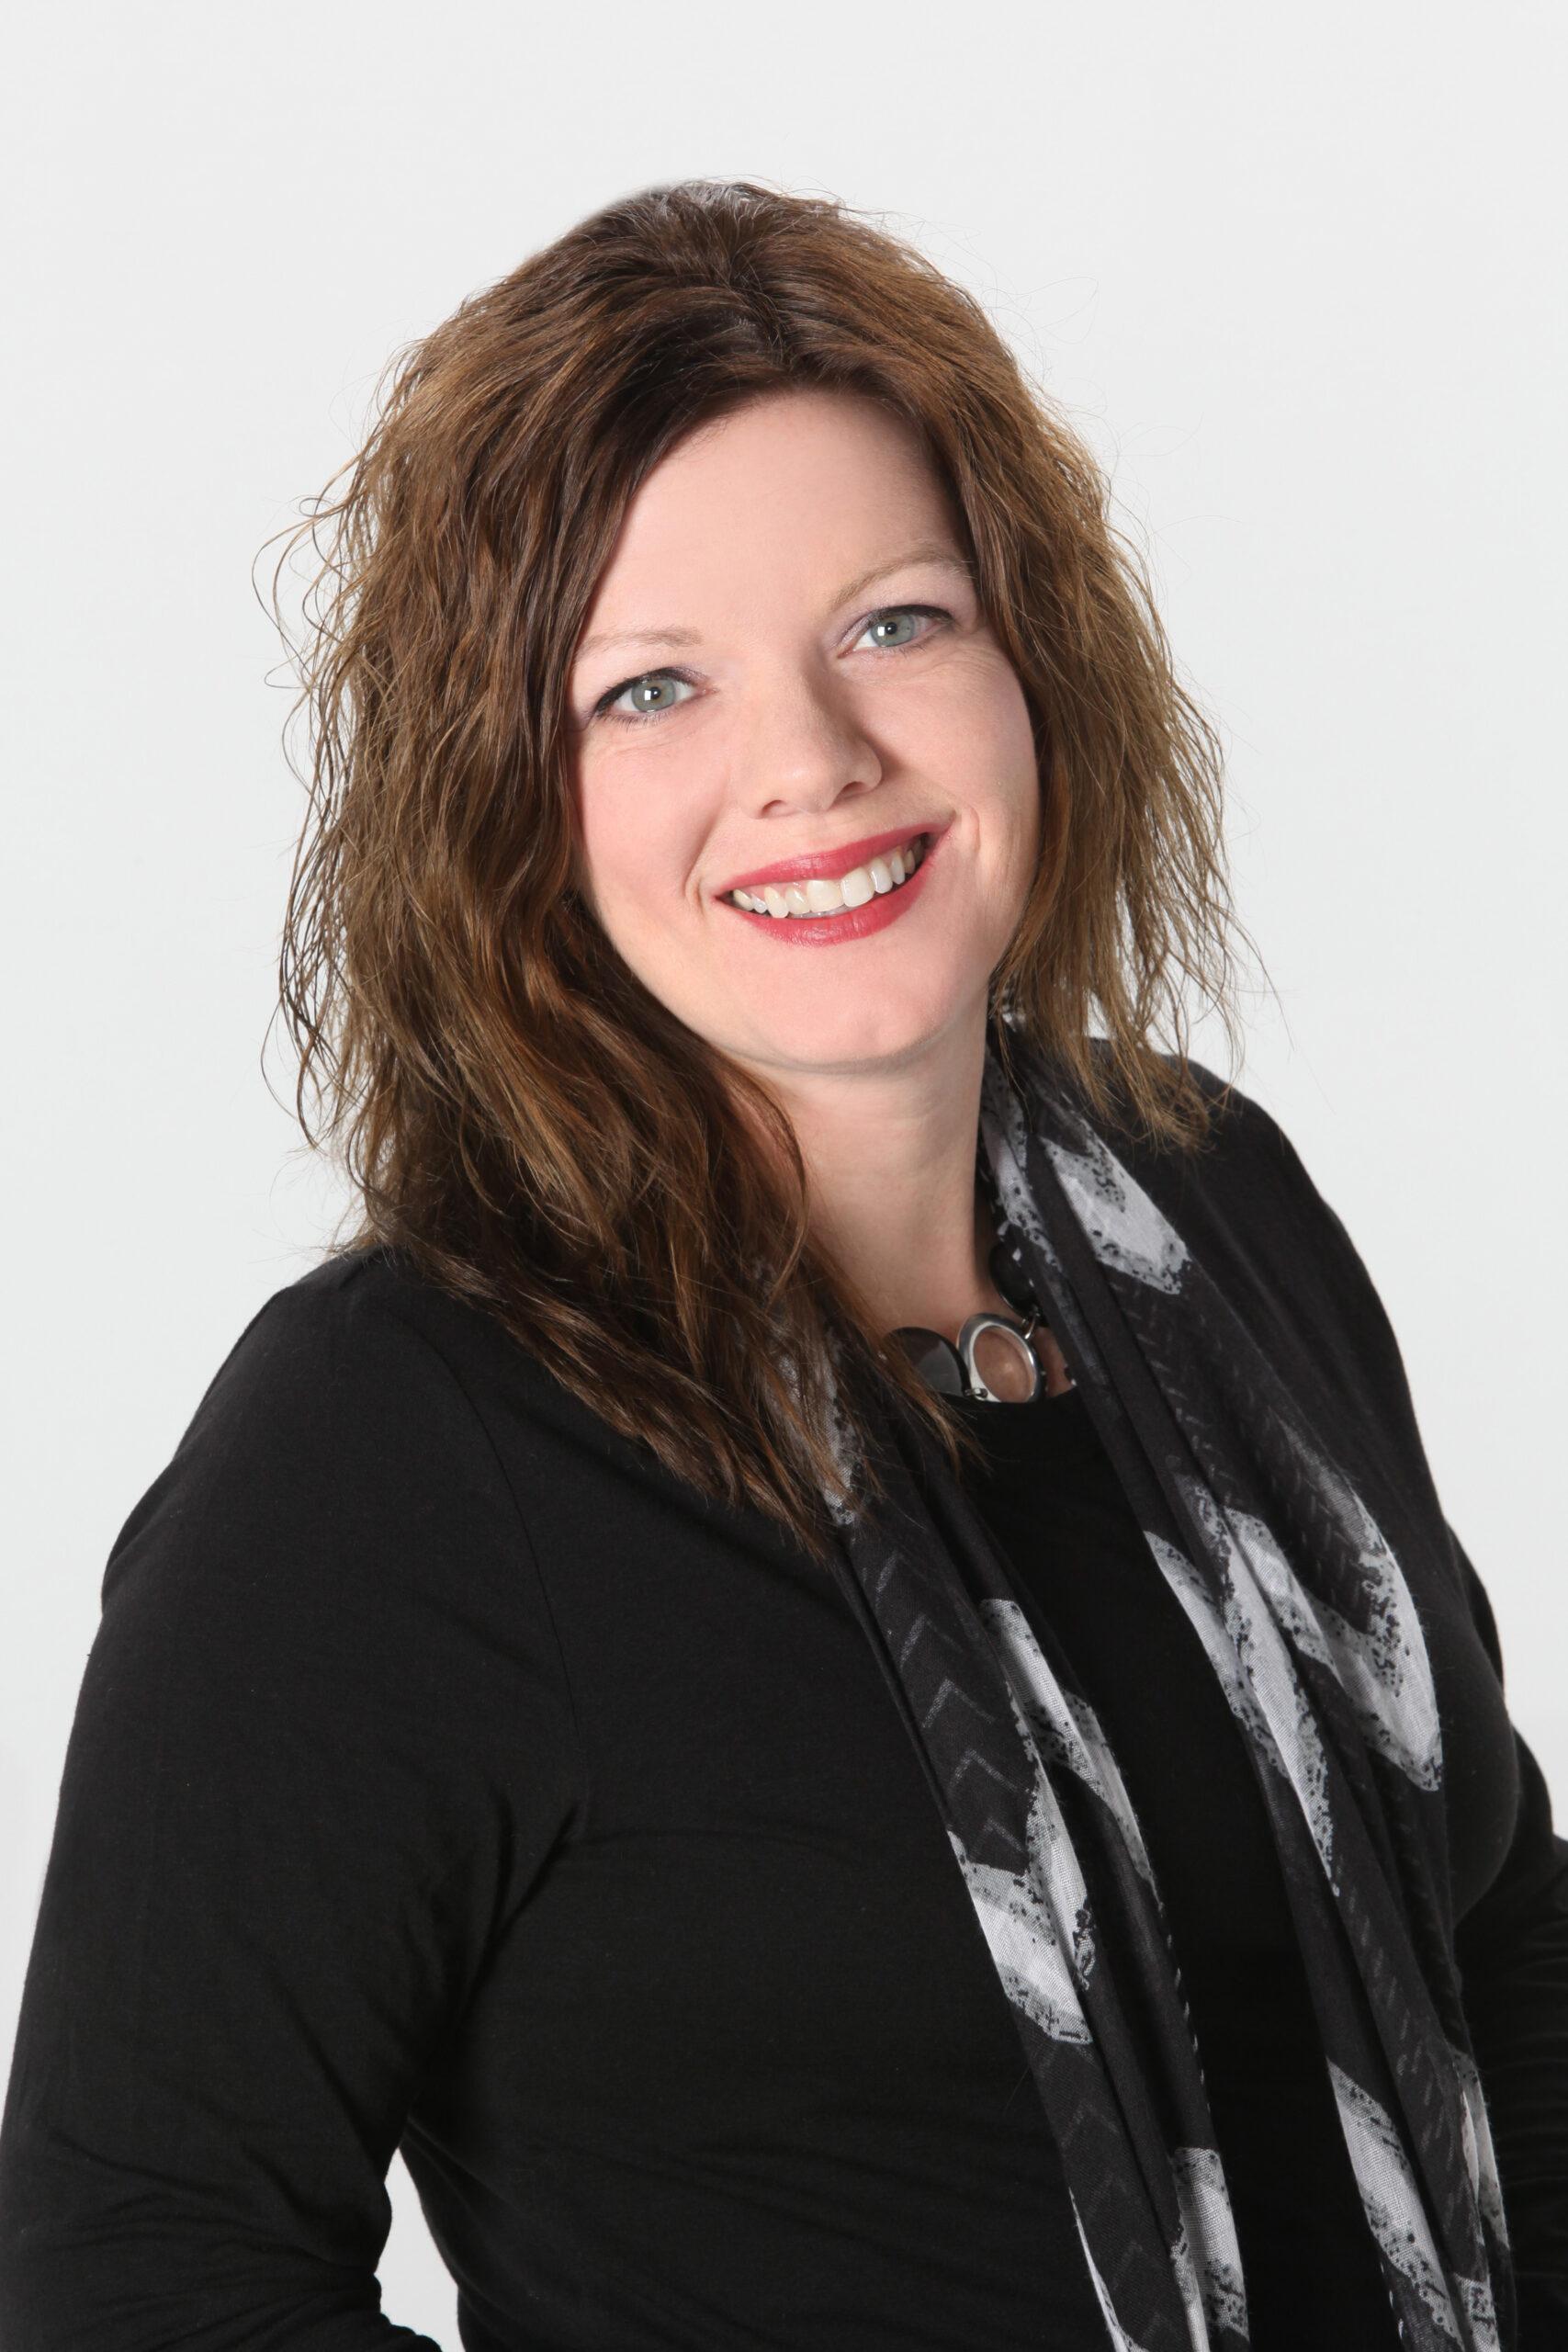 Melissa Peitz